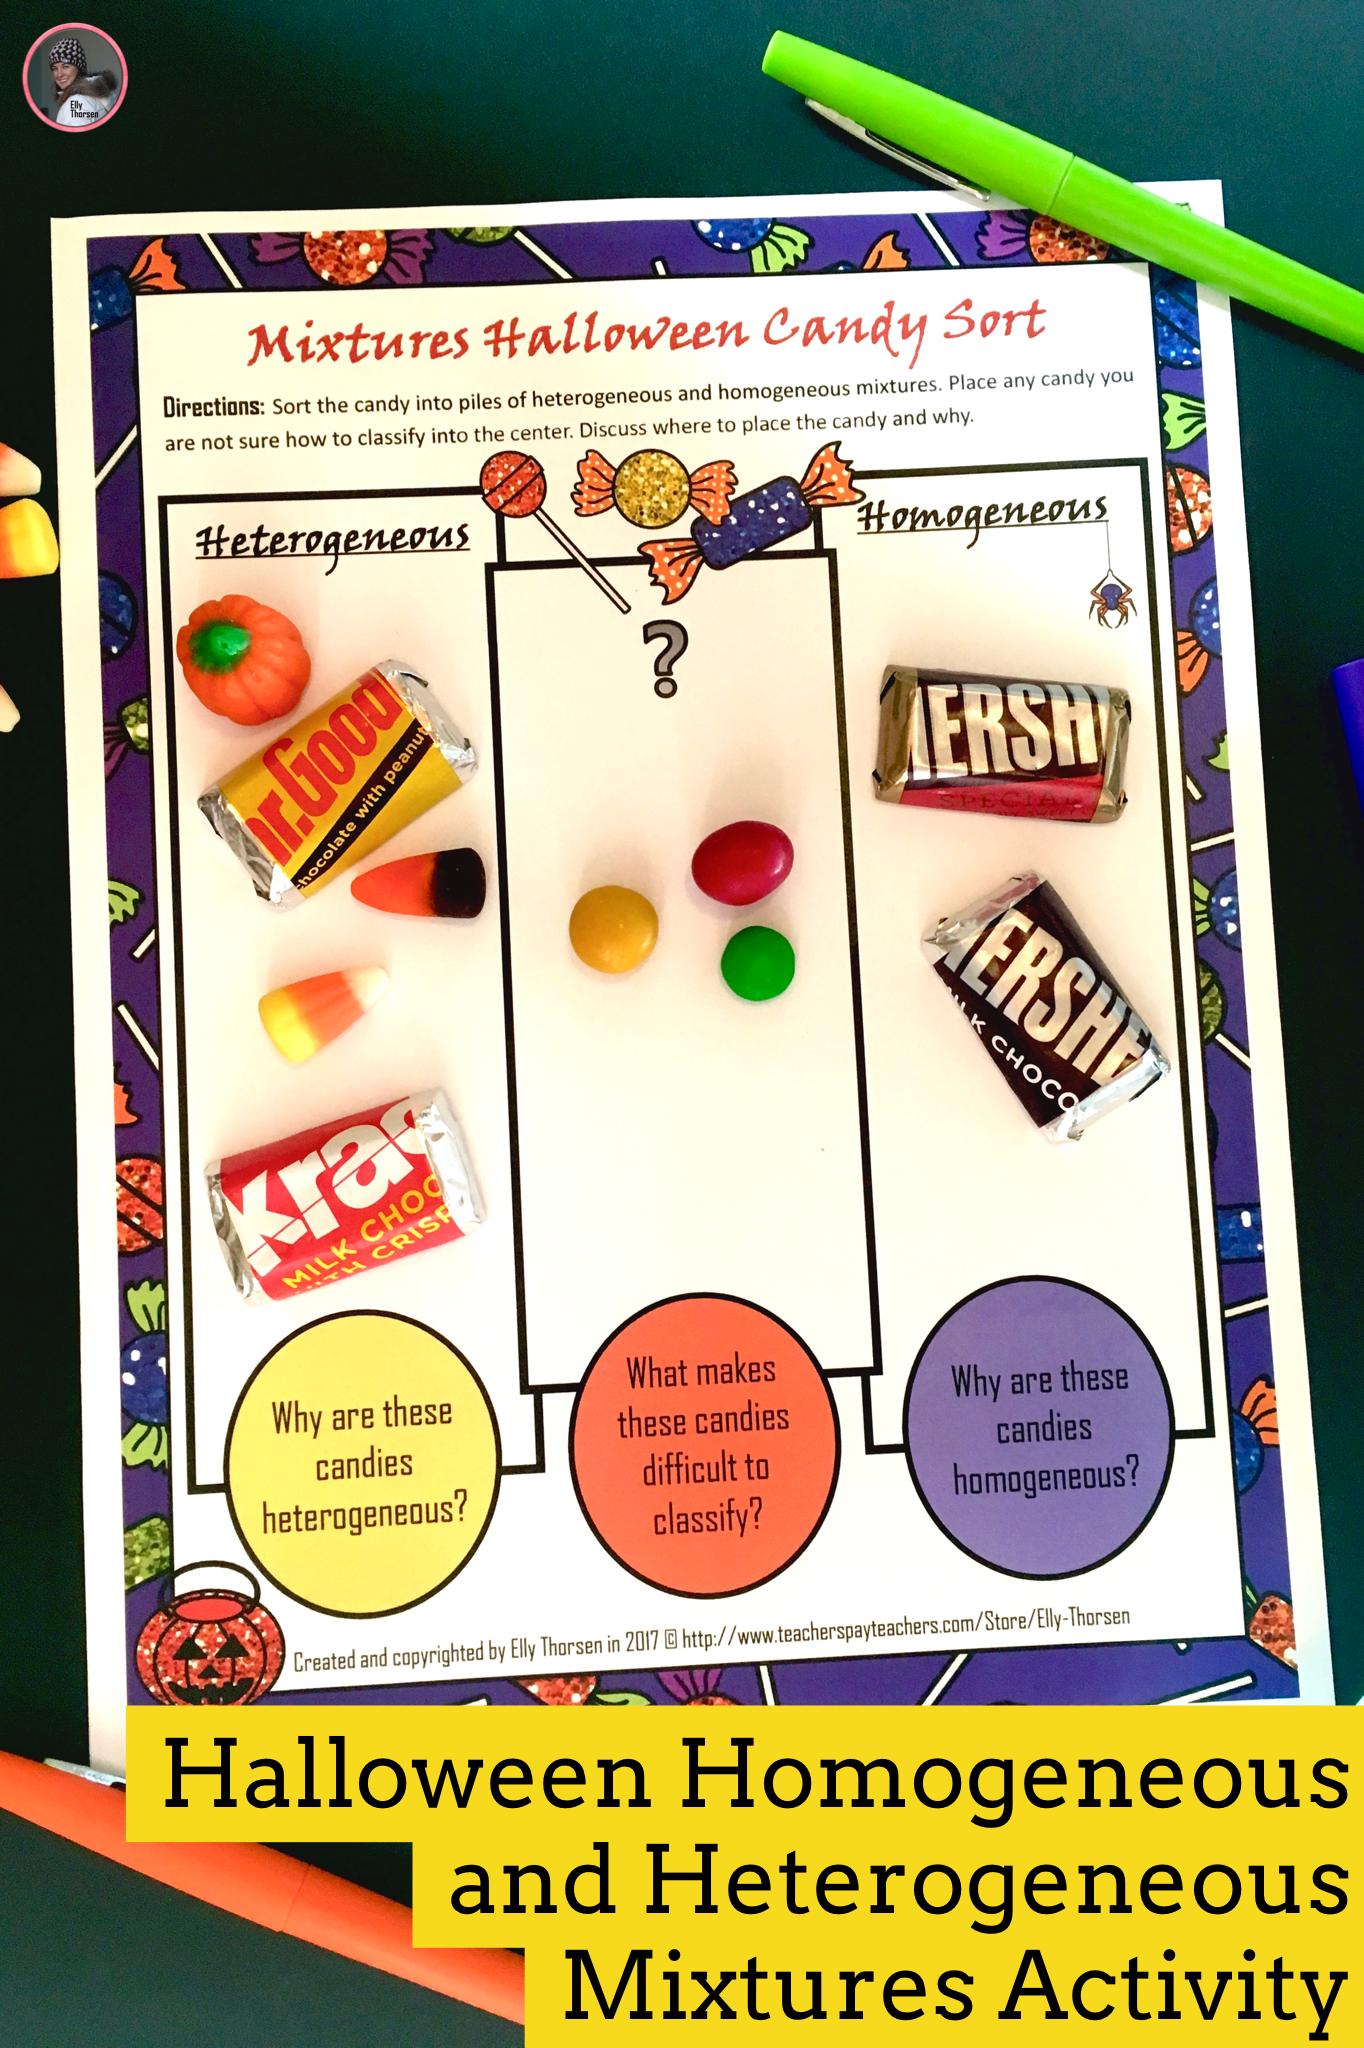 Heterogeneous And Homogeneous Mixtures Science Activity For Halloween Middle School Science Resources Sorting Activities Halloween Science Activities [ 2048 x 1364 Pixel ]